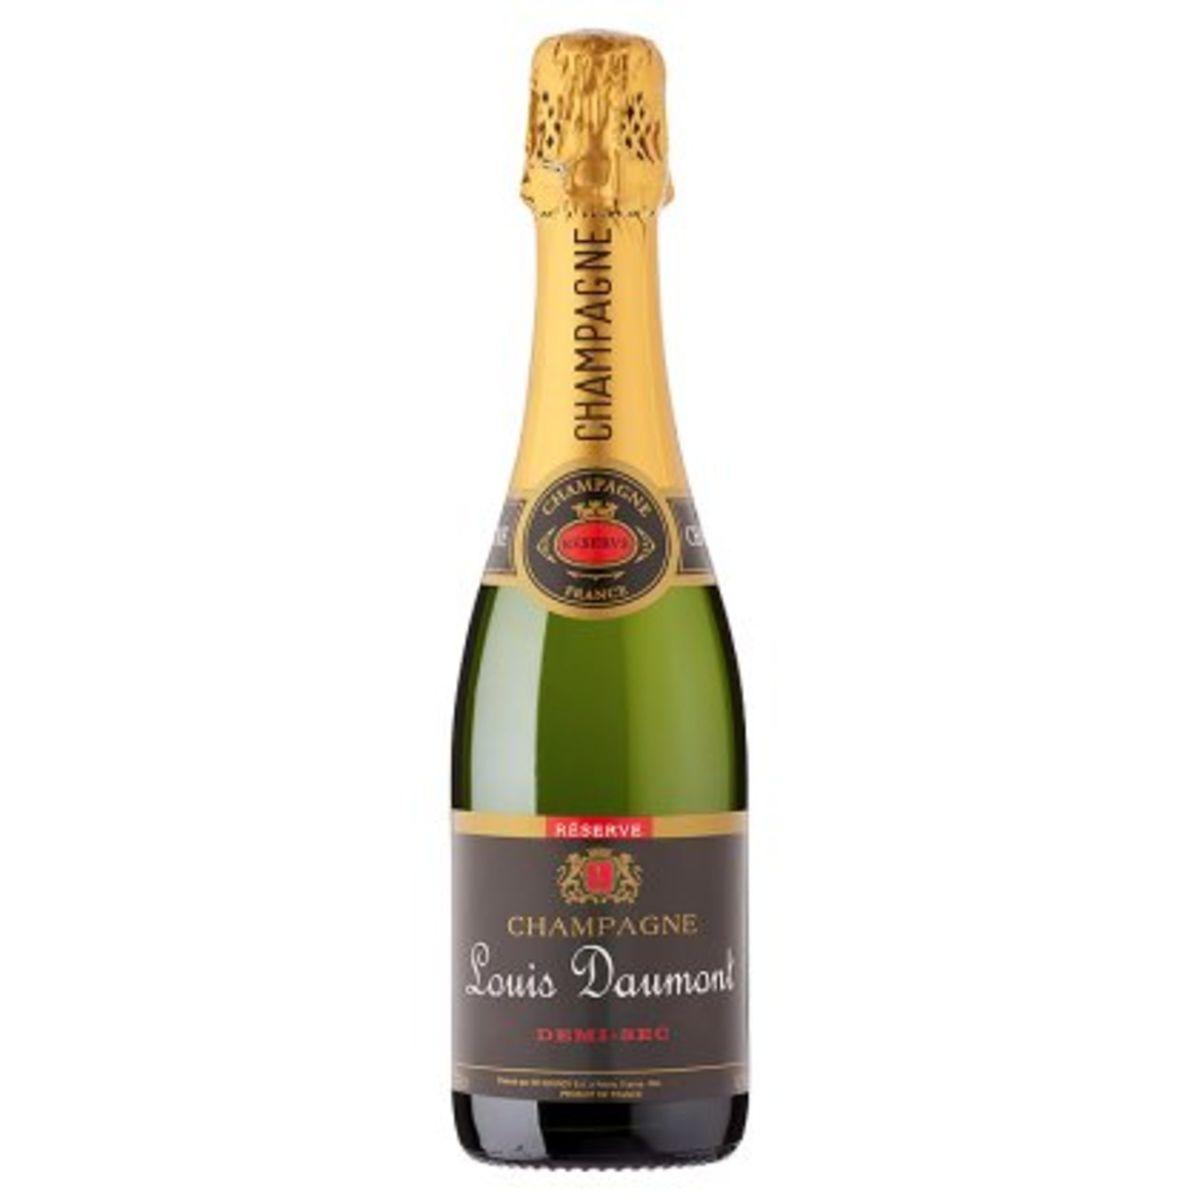 Louis Daumont Champagne Réserve Brut 375 ml